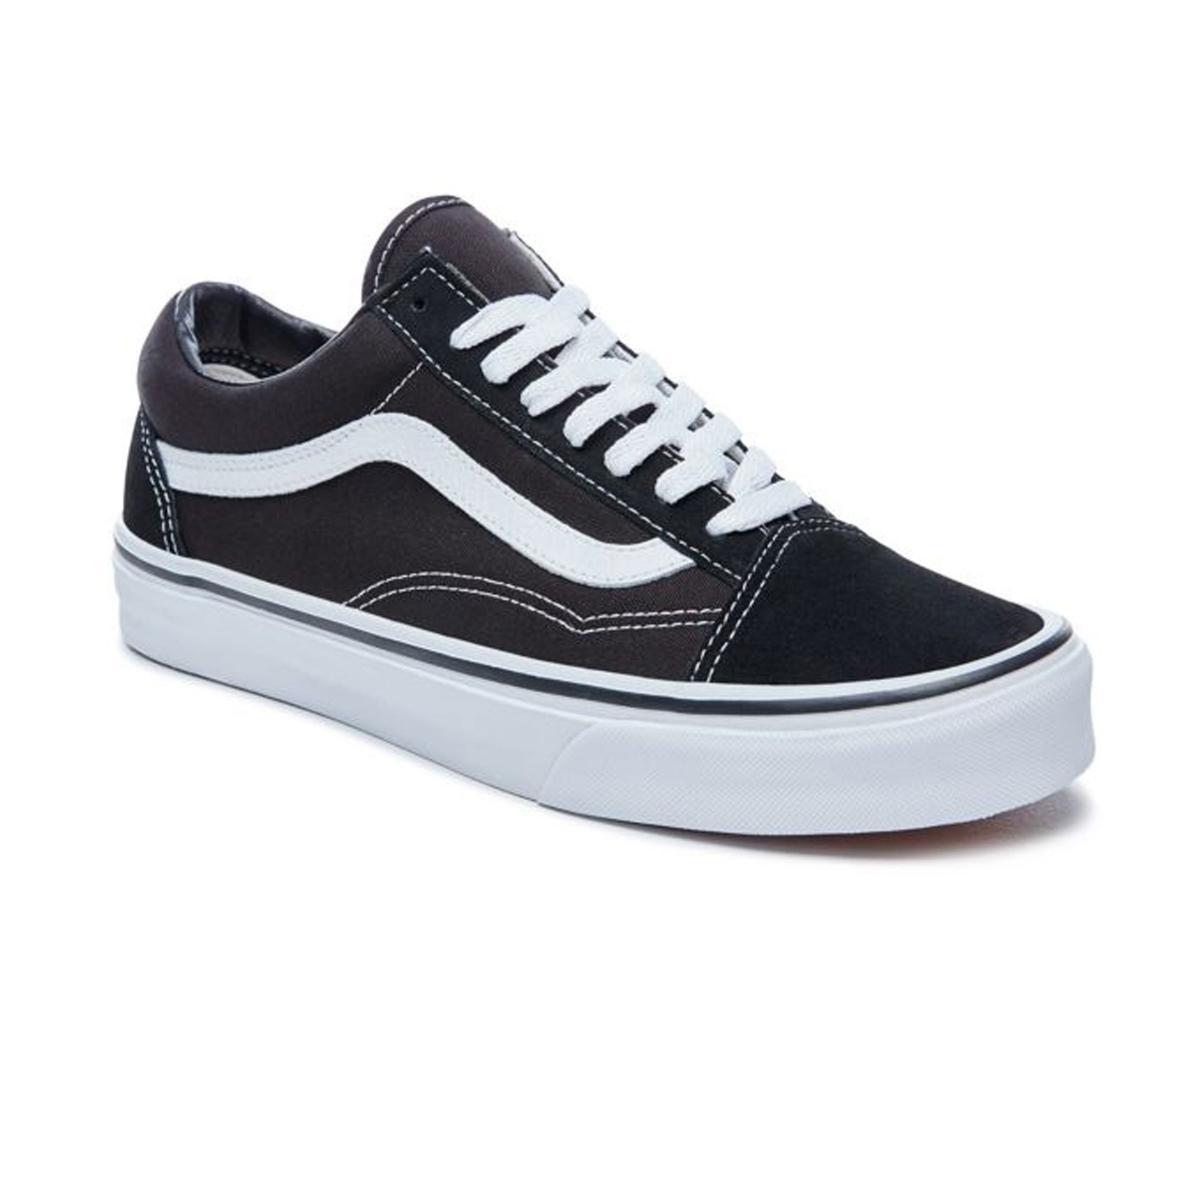 Scarpe Sneakers Vans Old Skool unisex Rif. VN000D3HY28